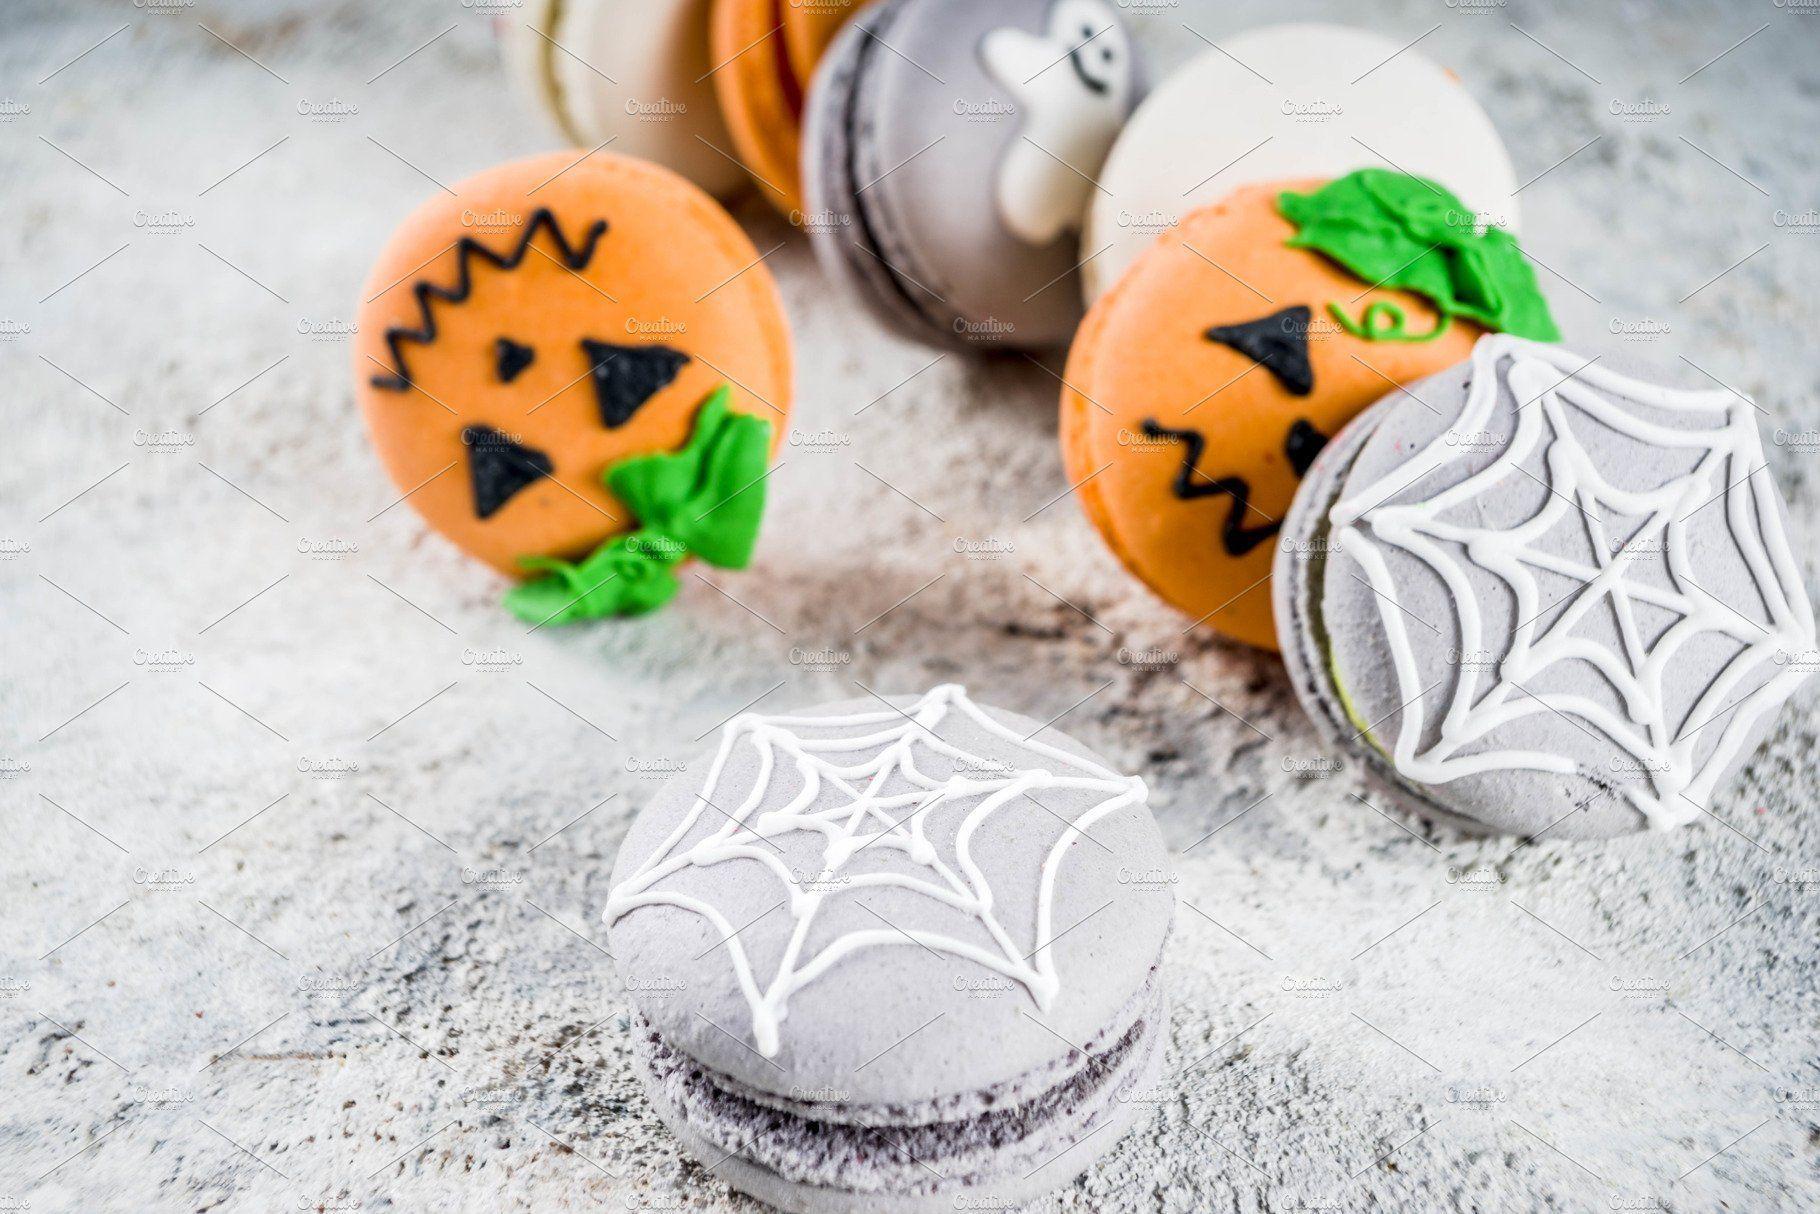 Halloween macaron cookies , #Ad, #treats#funny#macaron#Creative #Ad #halloweenmacarons Halloween macaron cookies , #Ad, #treats#funny#macaron#Creative #Ad #halloweenmacarons Halloween macaron cookies , #Ad, #treats#funny#macaron#Creative #Ad #halloweenmacarons Halloween macaron cookies , #Ad, #treats#funny#macaron#Creative #Ad